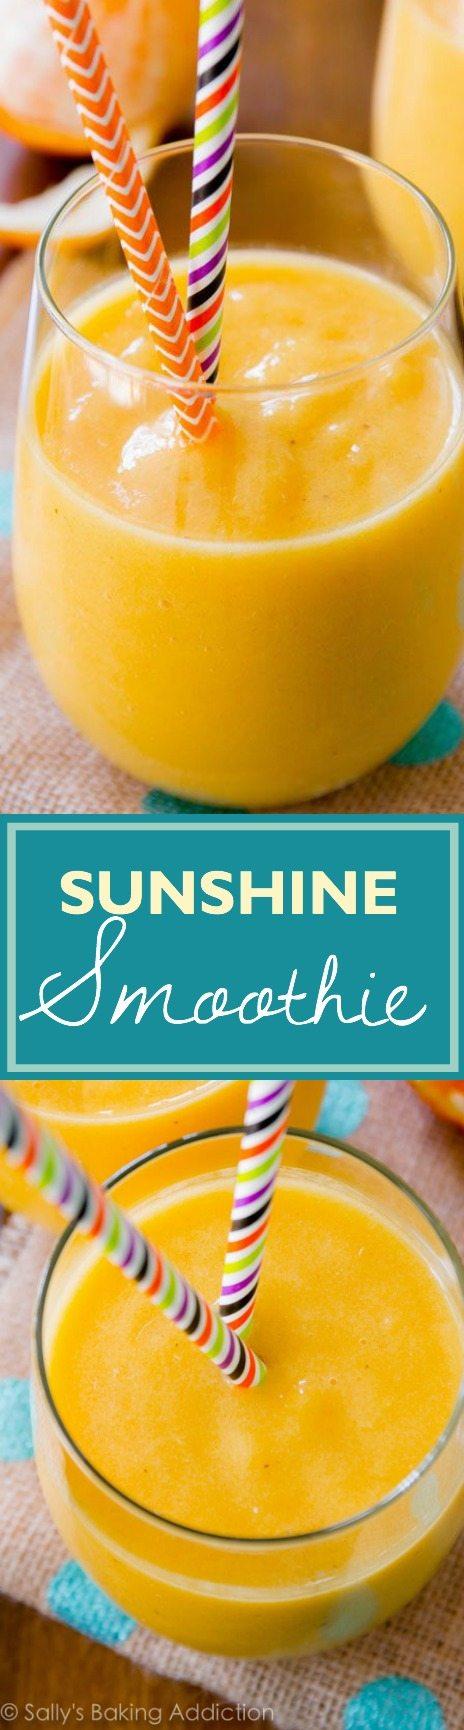 Sunshine Smoothie - ce smoothie lumineux, gai et sain est plein de vitamine C et vous dynamisera pour affronter la nouvelle journée. J'aime cela!